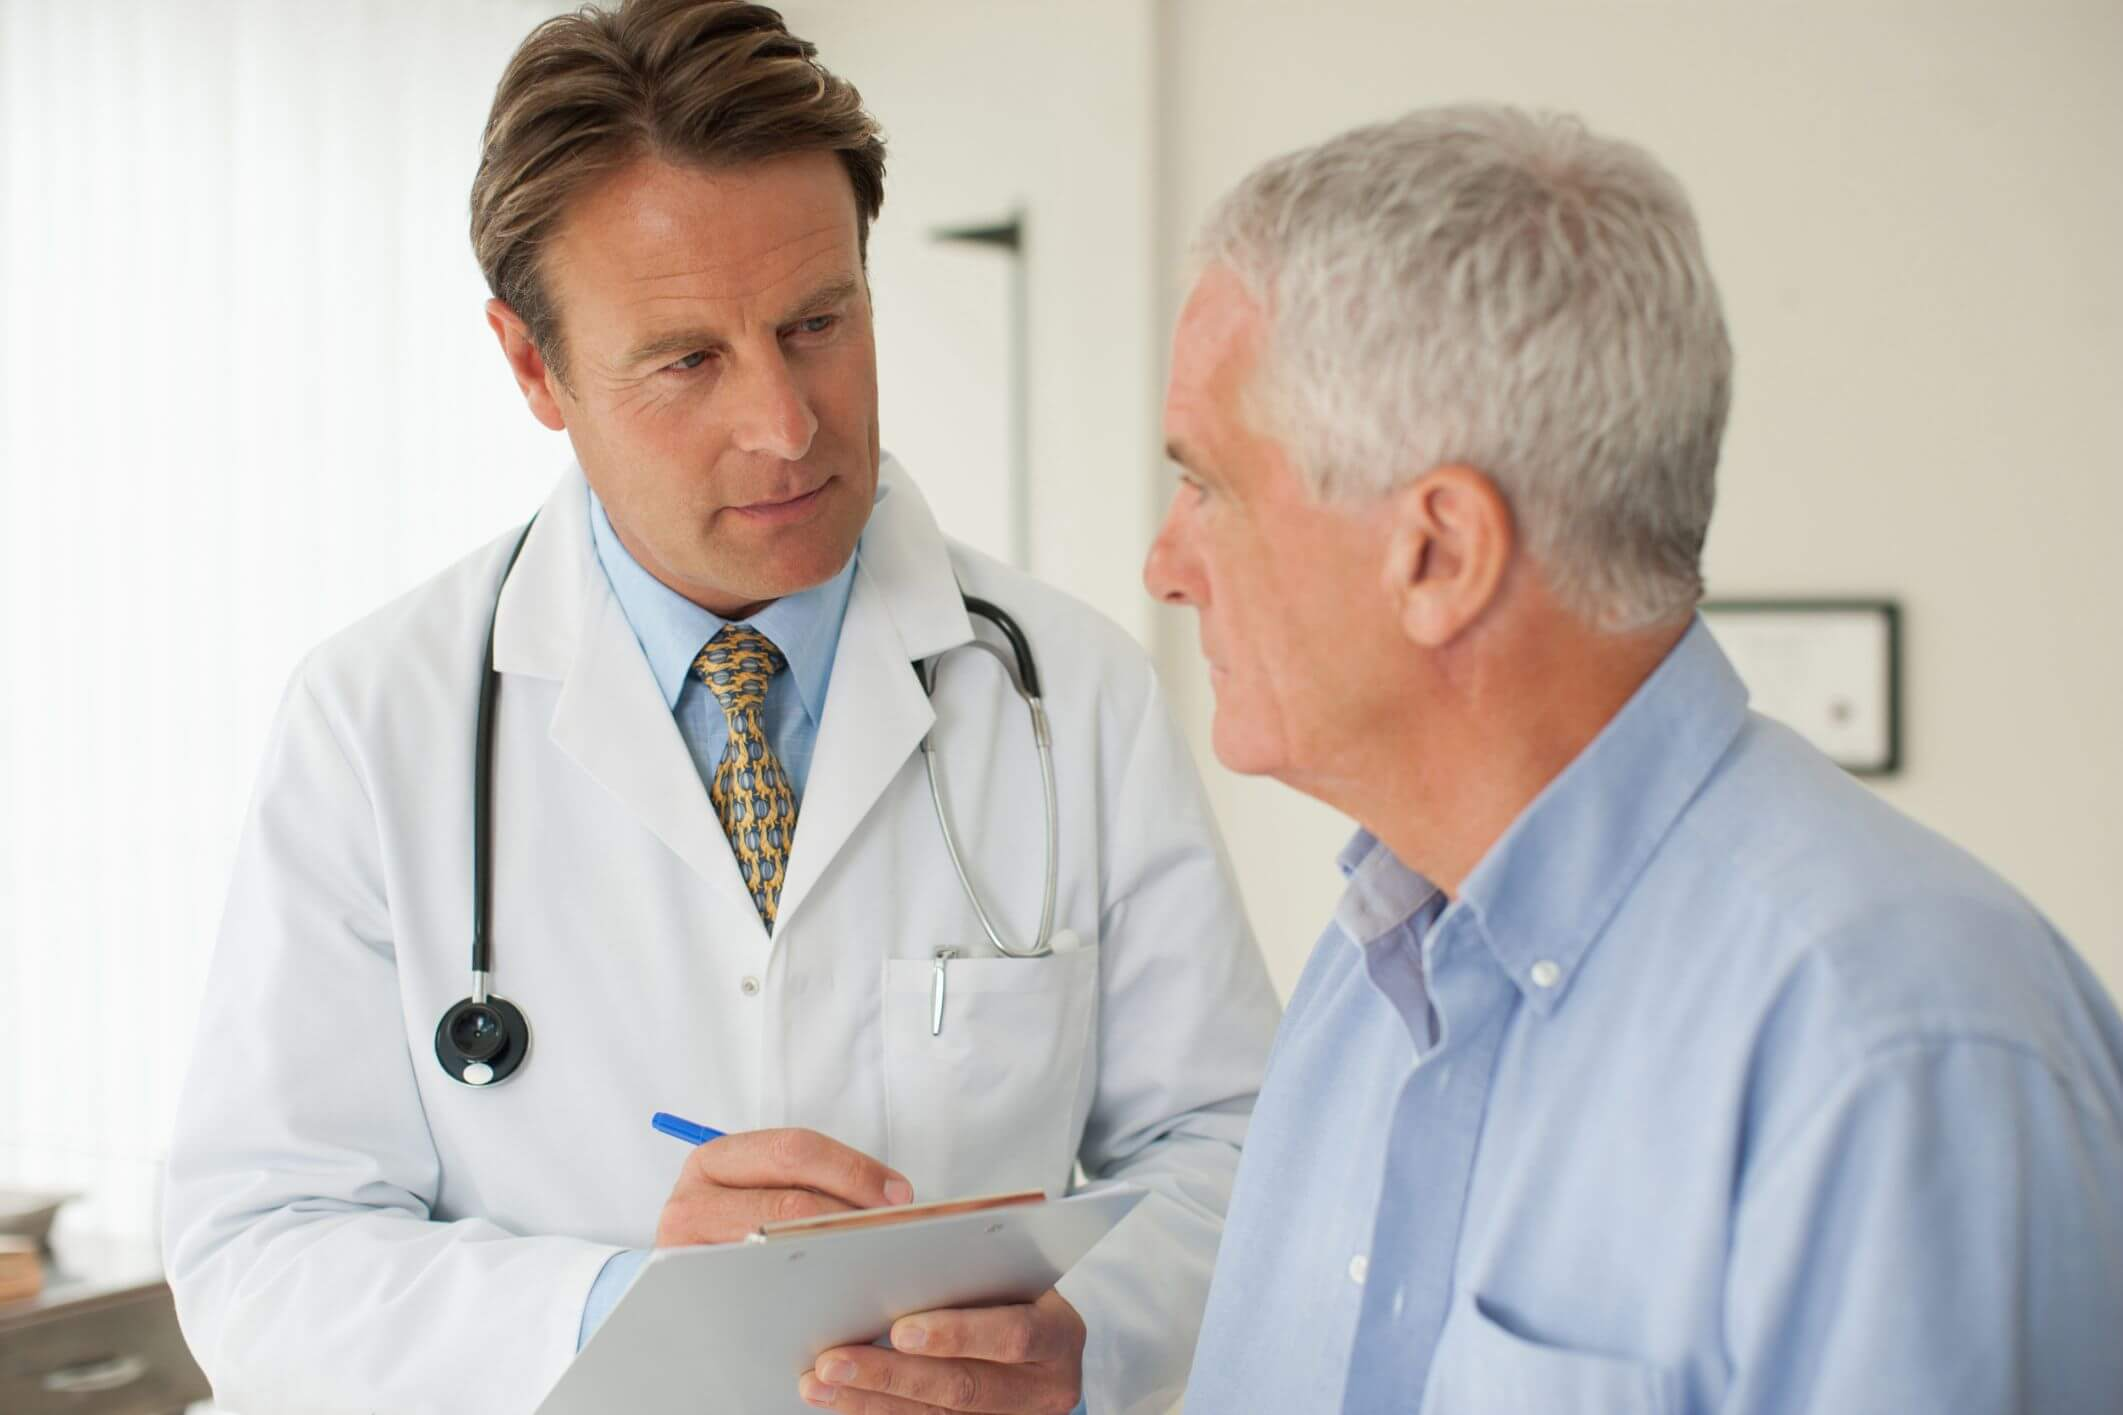 foto de doutor proctologista conversando com paciente idoso | Exames de proctologia: prevenção além do Novembro Azul